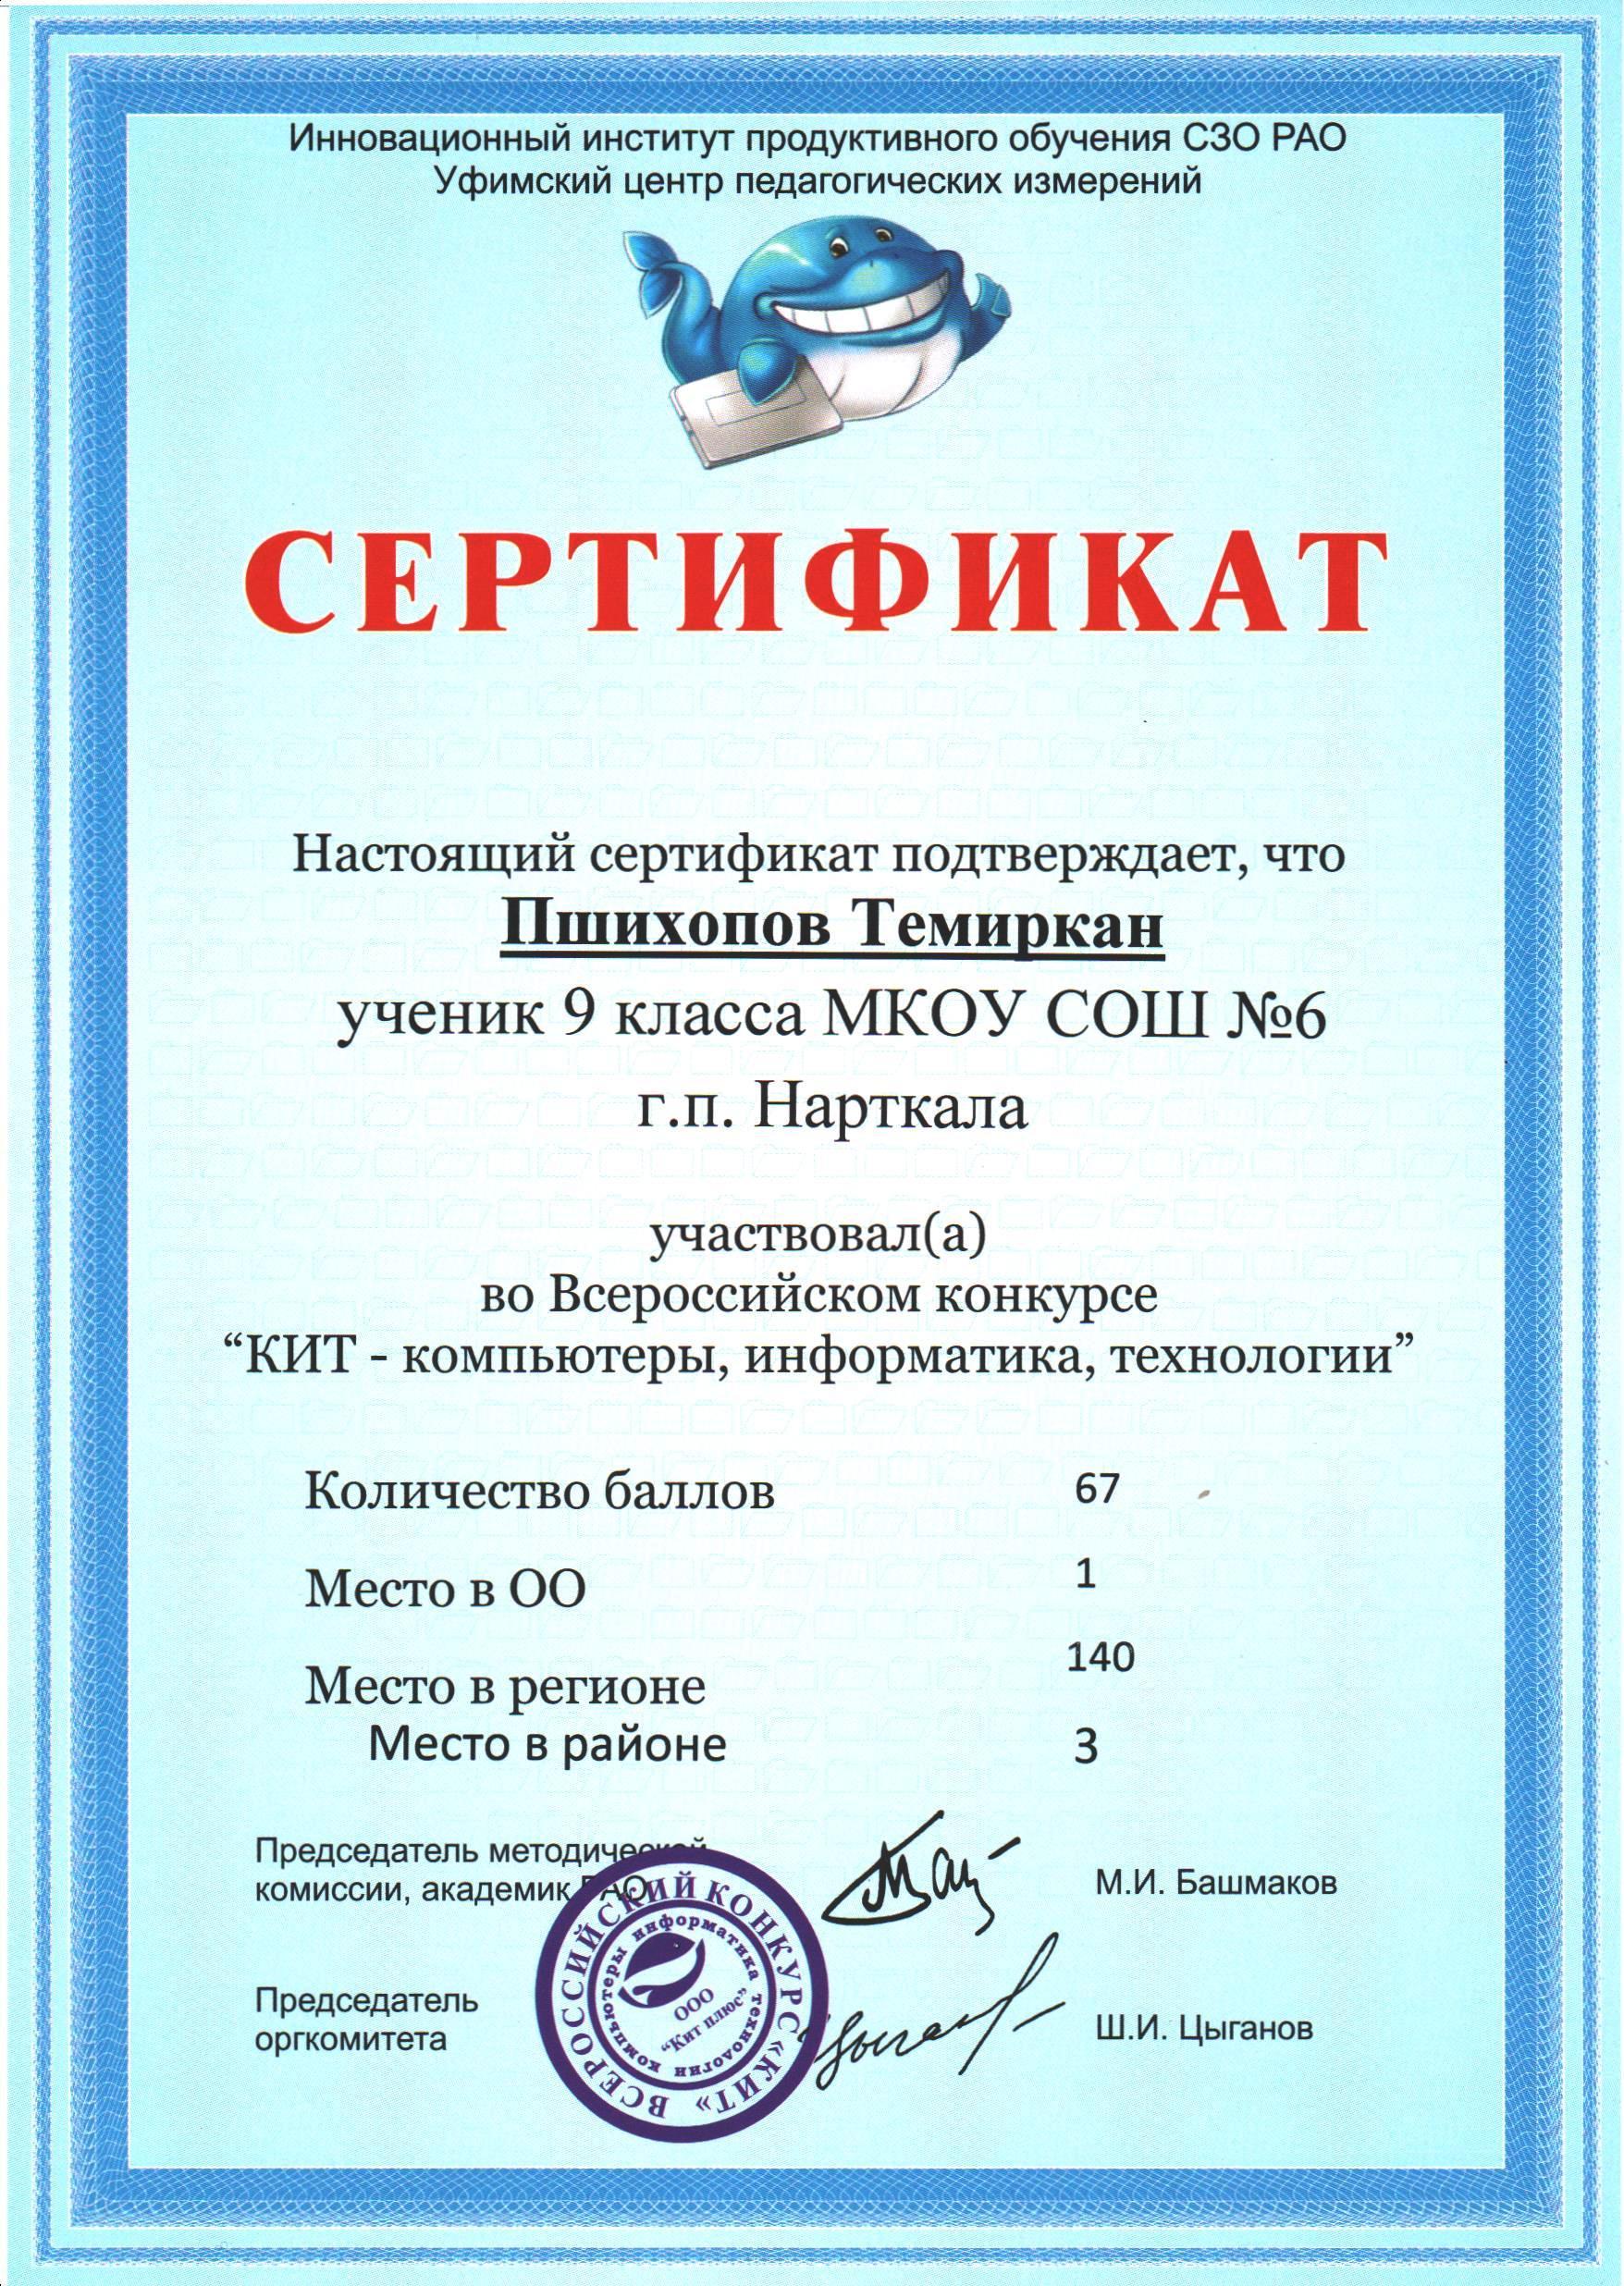 Всероссийском конкурсе кит